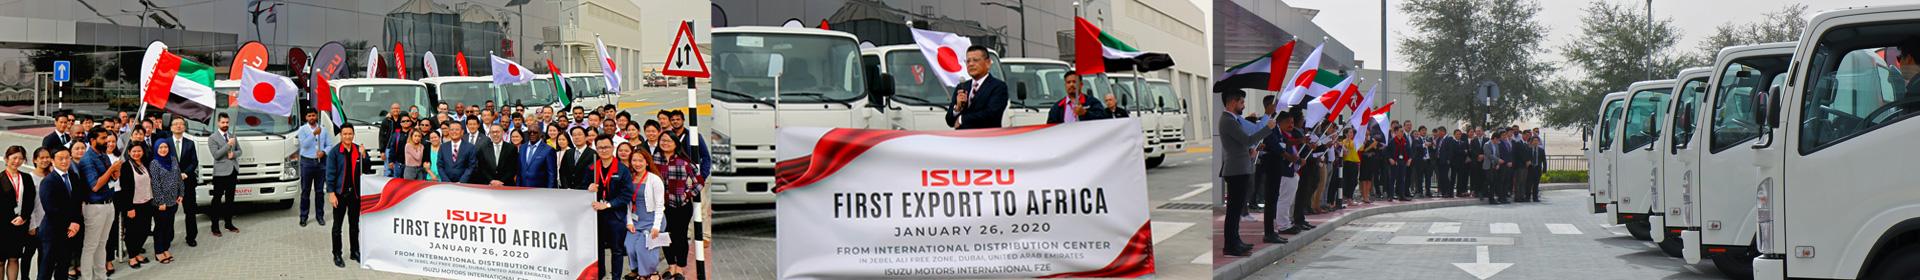 Isuzu First Export to Africa Banner